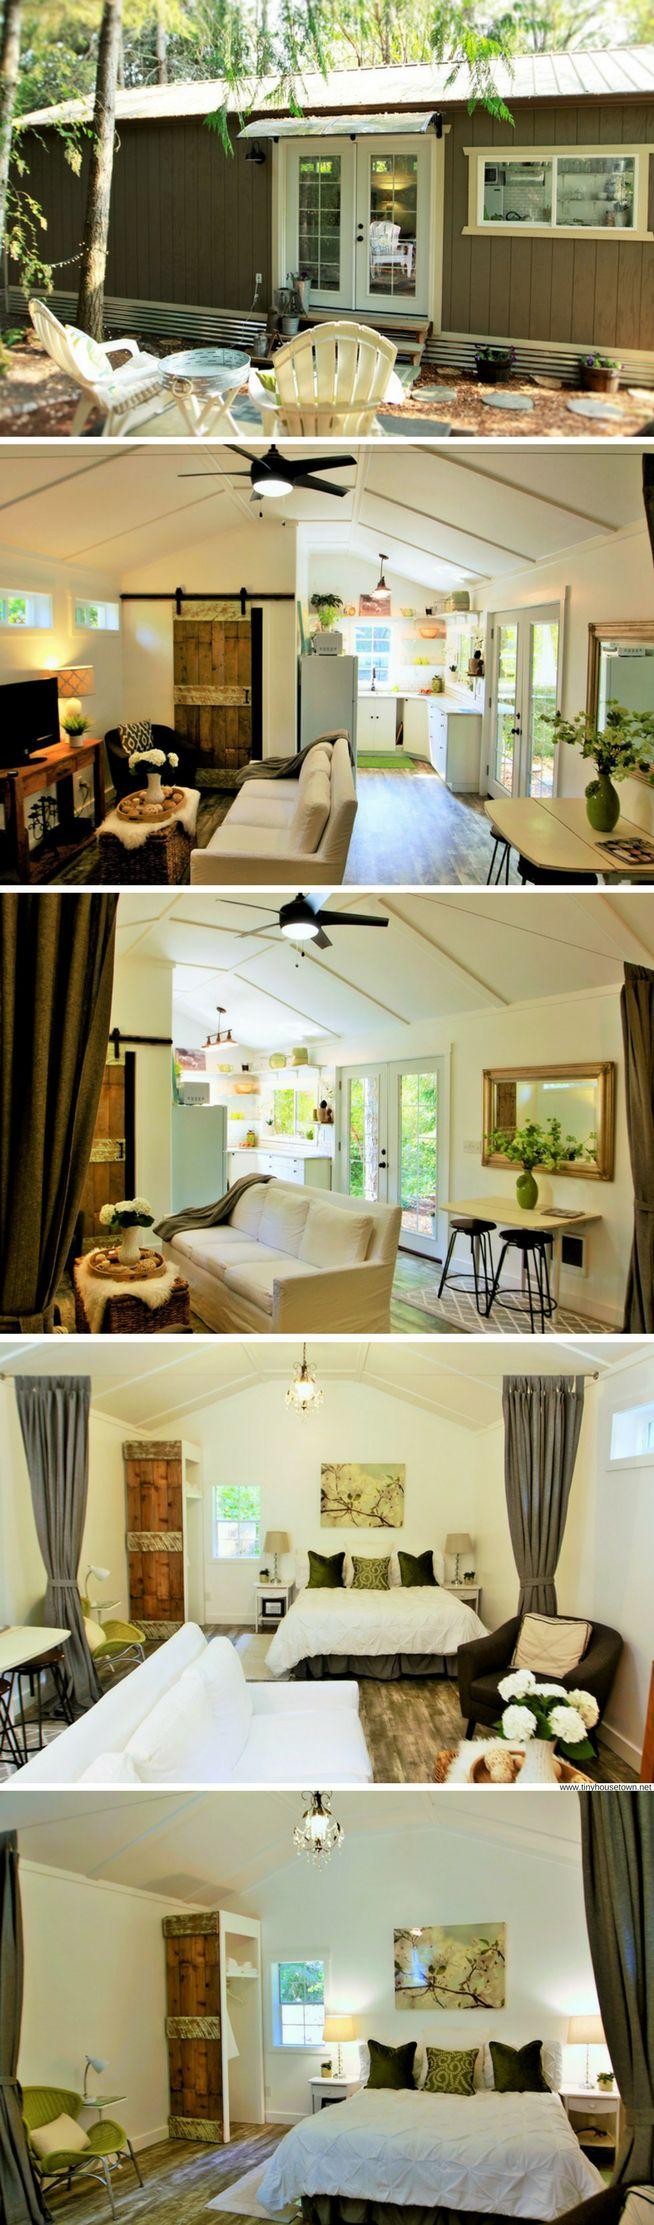 Más de 25 ideas increíbles sobre Modernas casas modulares en ...